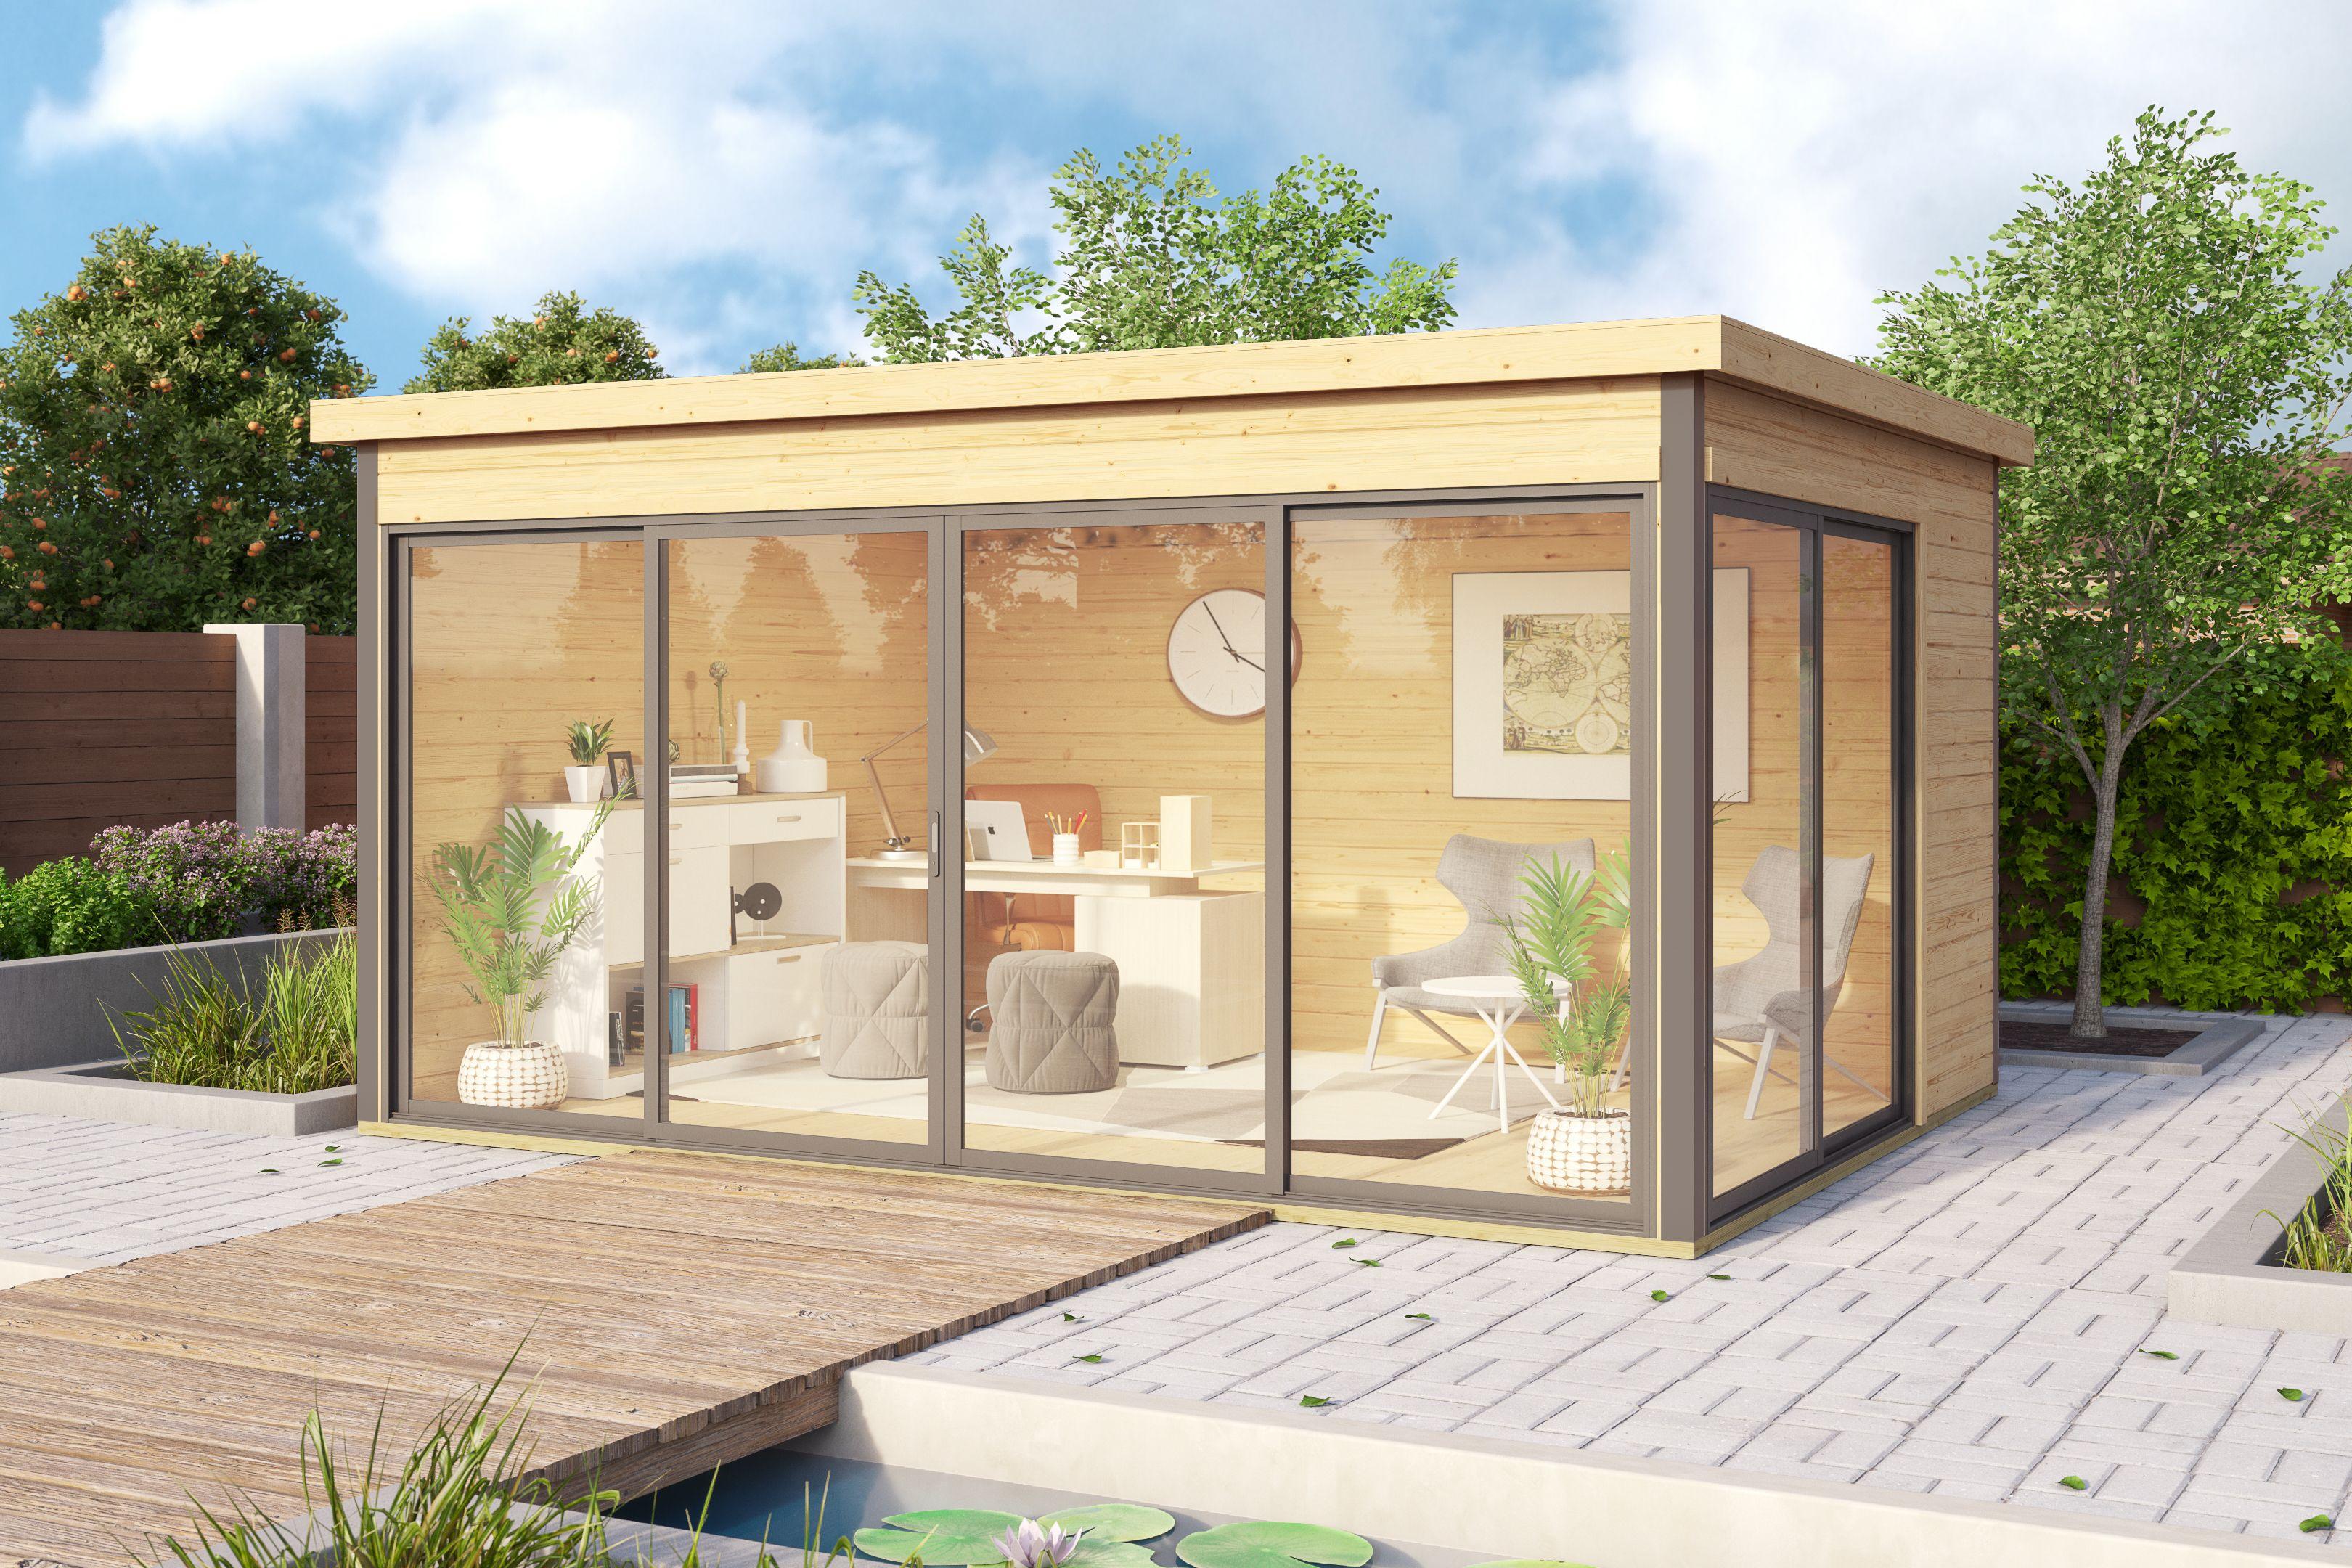 Bureau De Jardin Argos 4 - 12M2 En 2020 | Bureau De Jardin ... encequiconcerne Abri Jardin 12M2